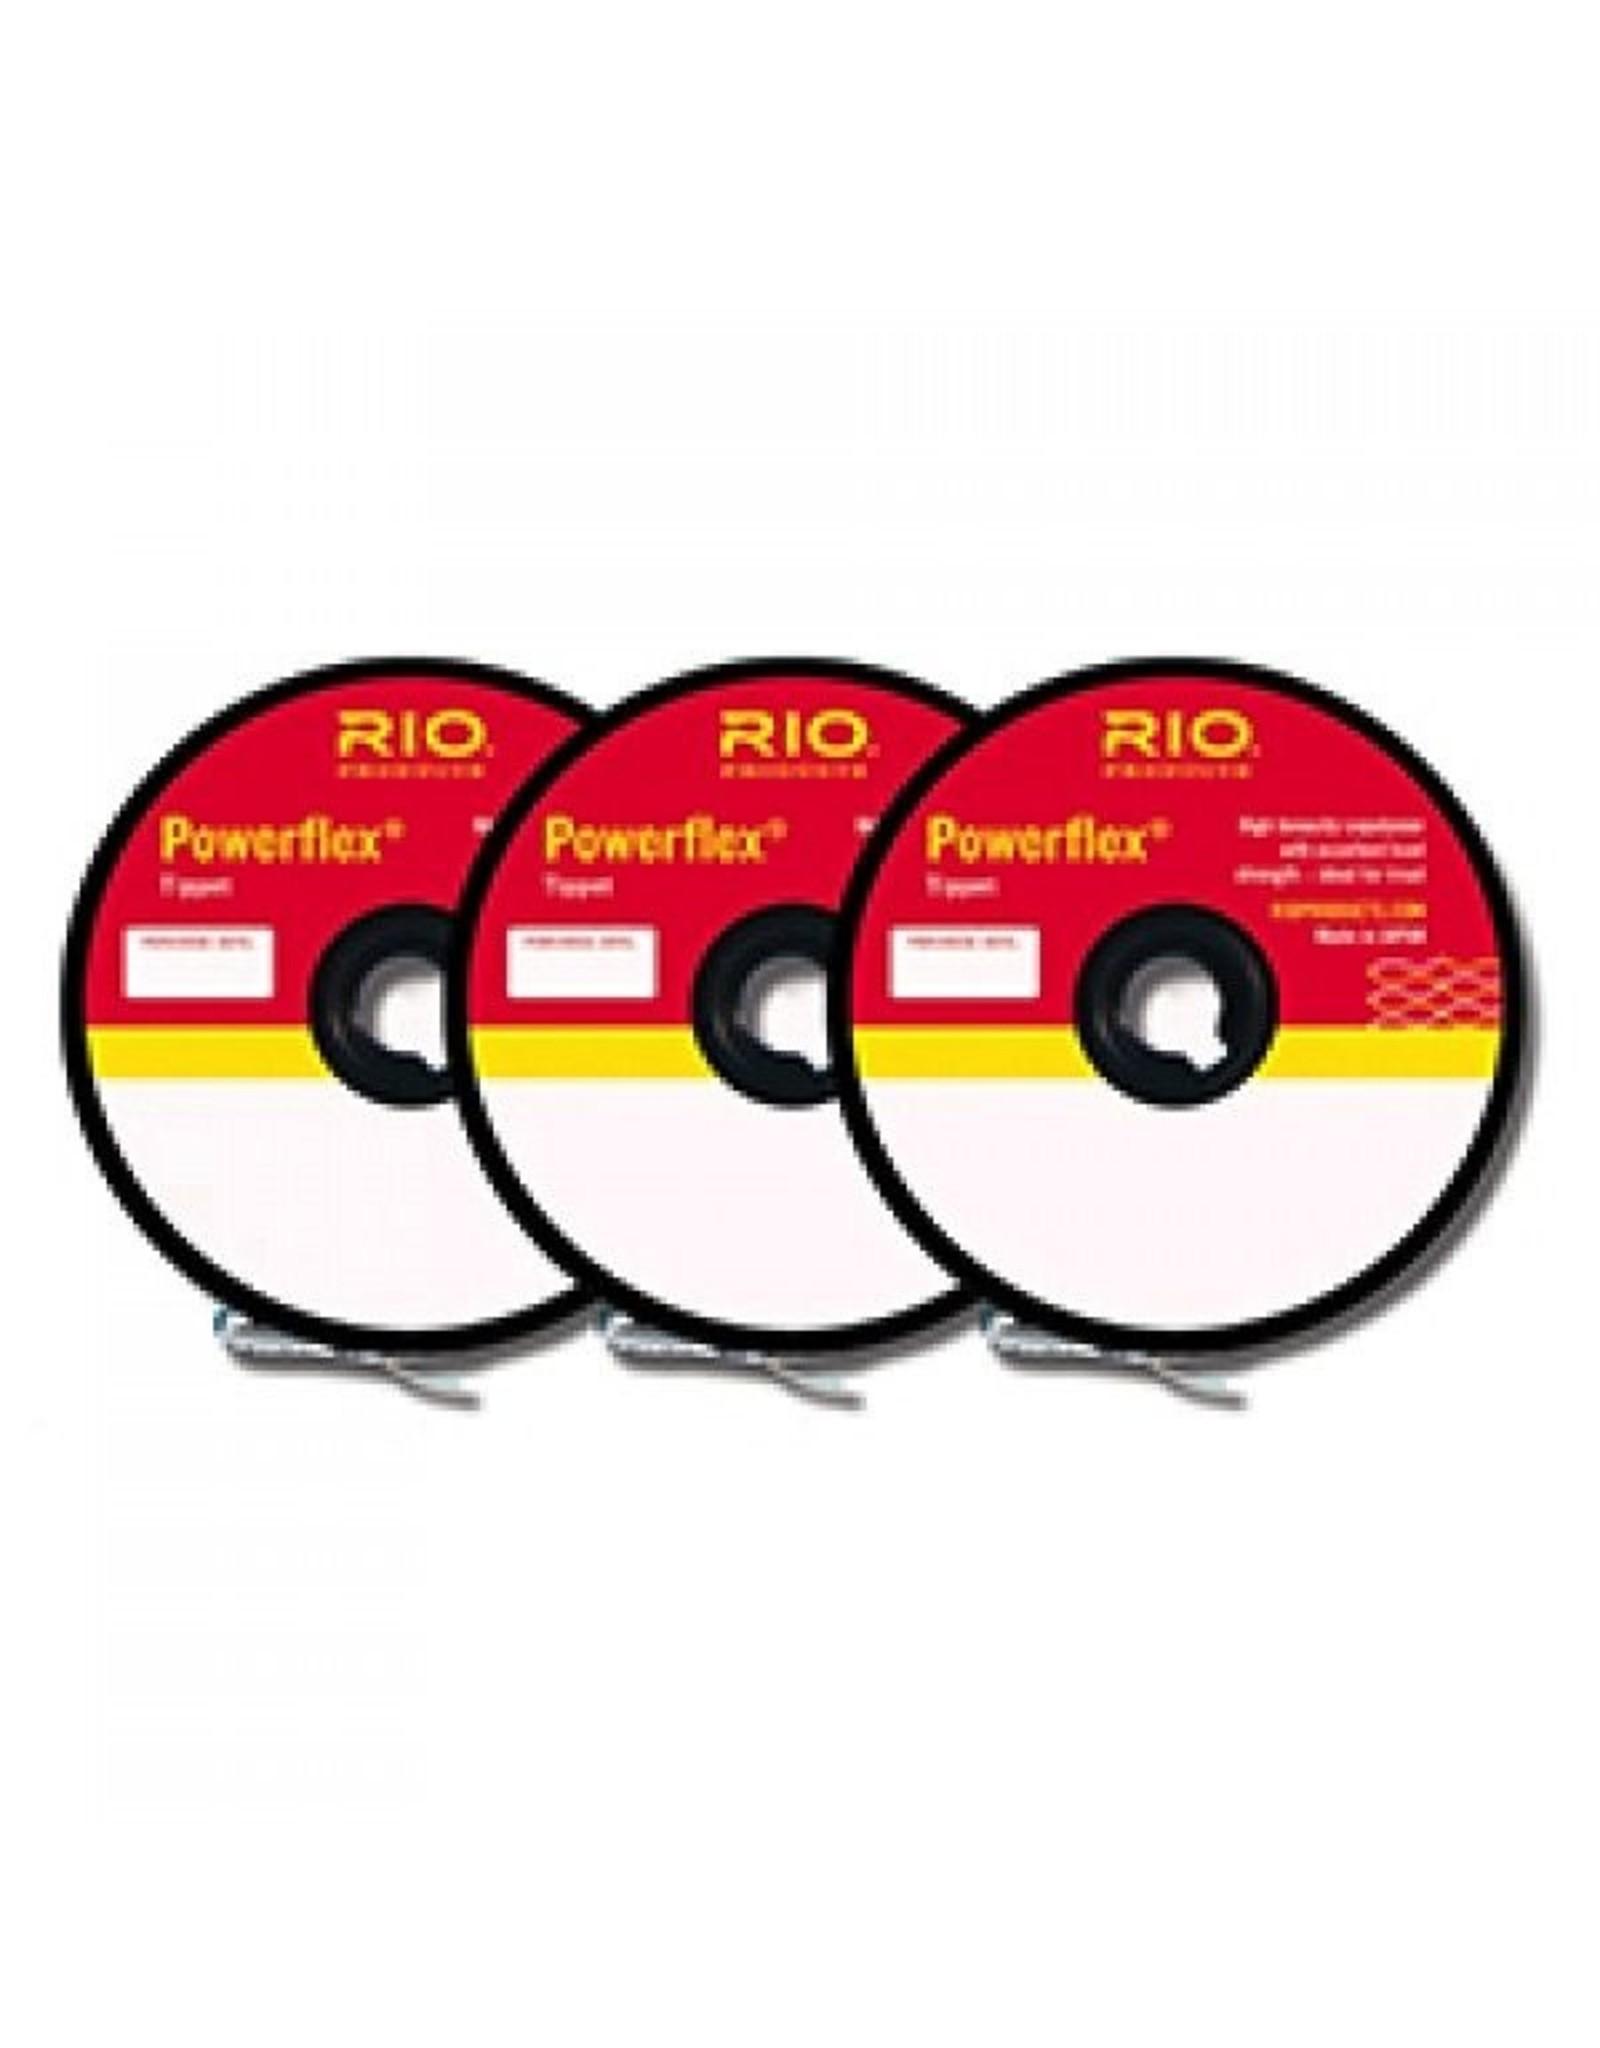 Rio Rio Powerflex Tippet 3 Pack.. 4X-6X